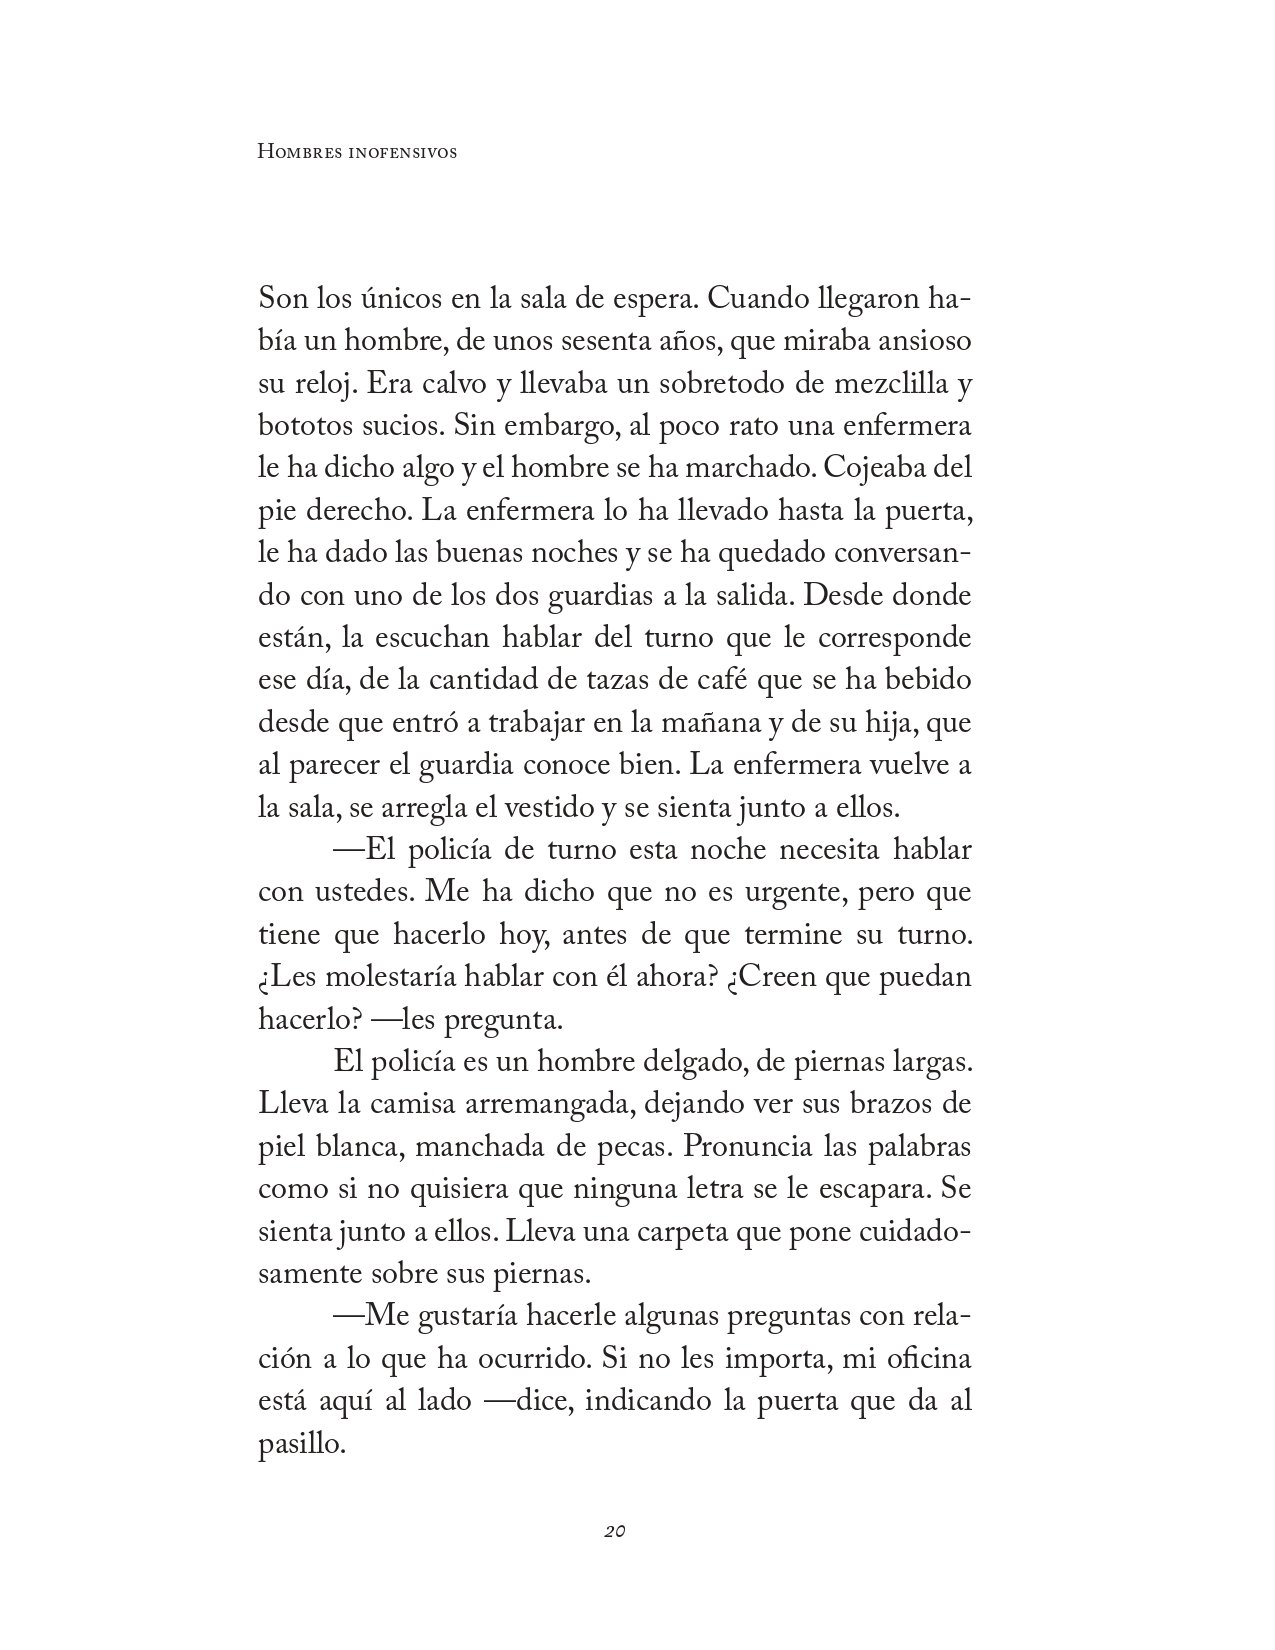 Adelanto_Hombres_Inofensivos_Patricio_Tapia_page-0017.jpg